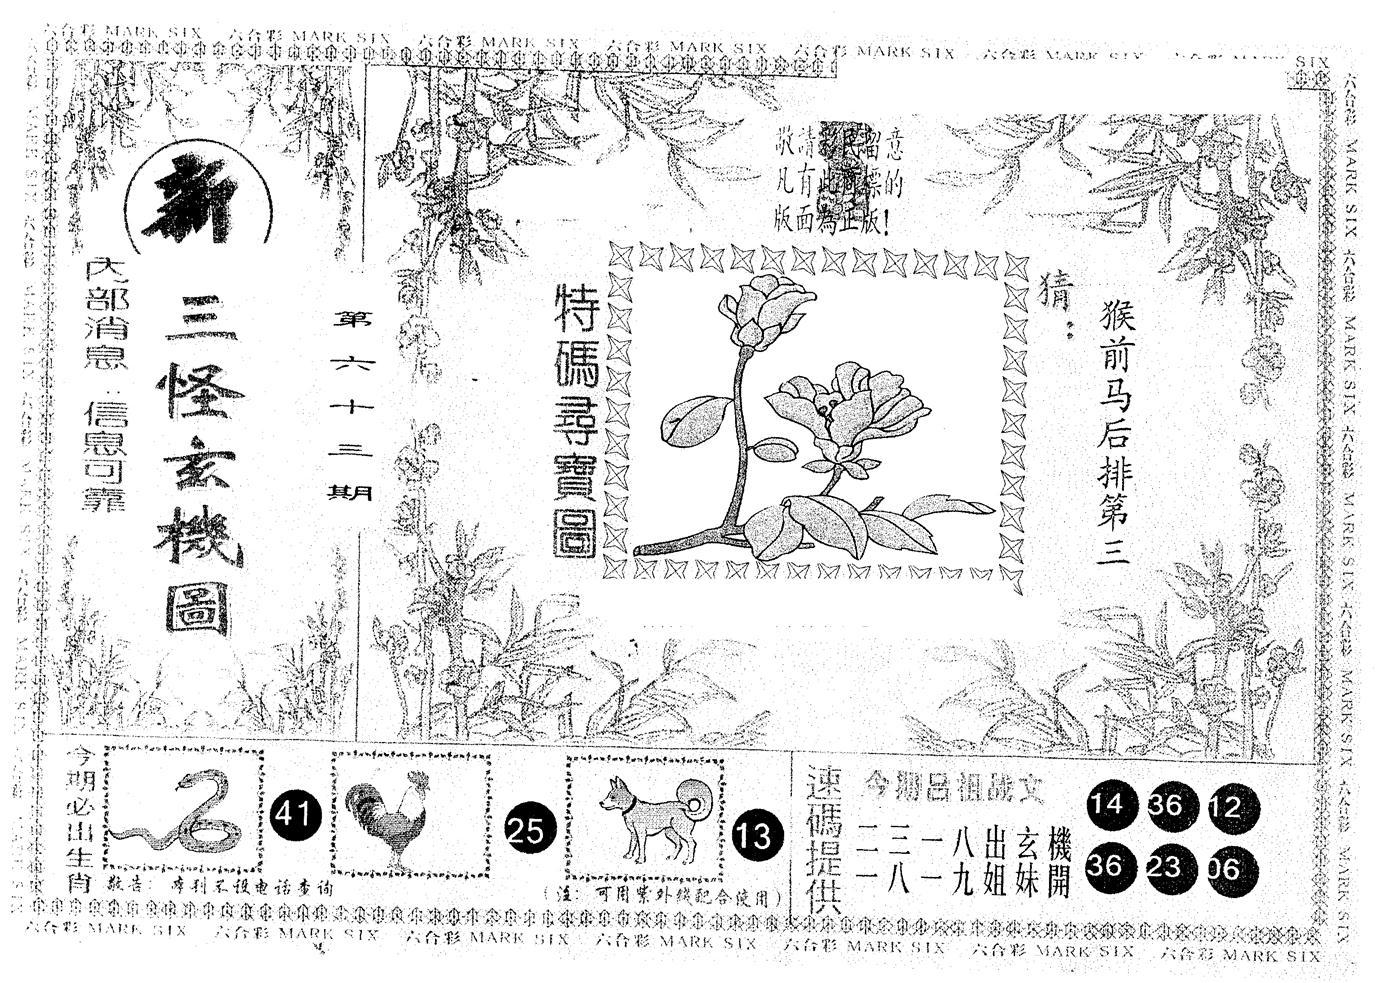 063期另版新三怪(黑白)